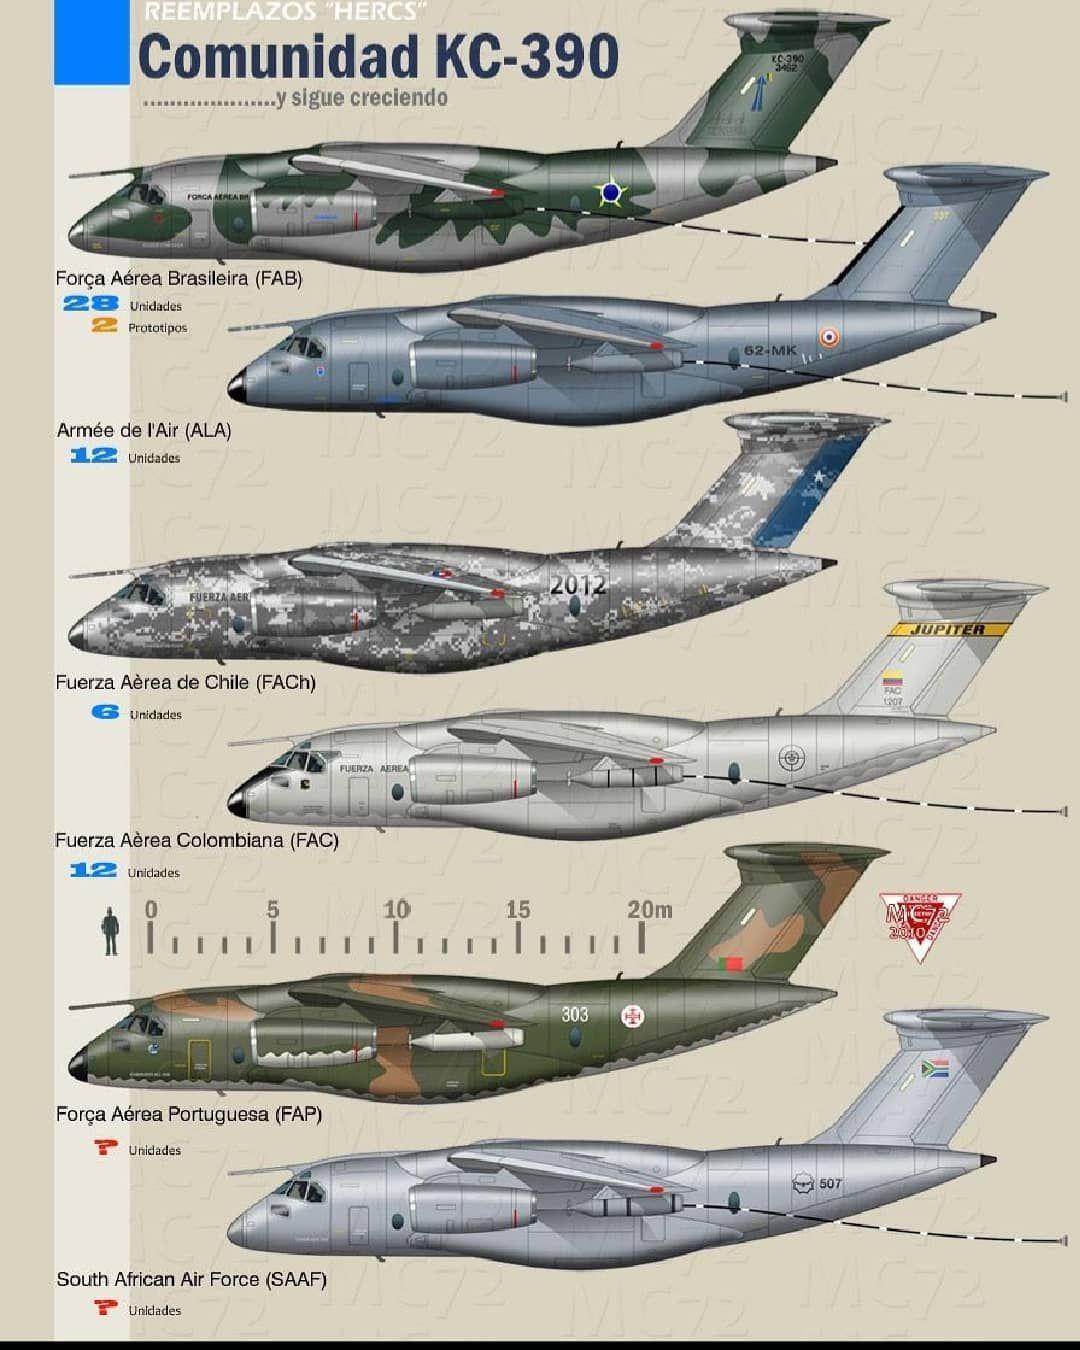 Kc 390 Y Sus Variedades Aviones De Combate Aviones Militares